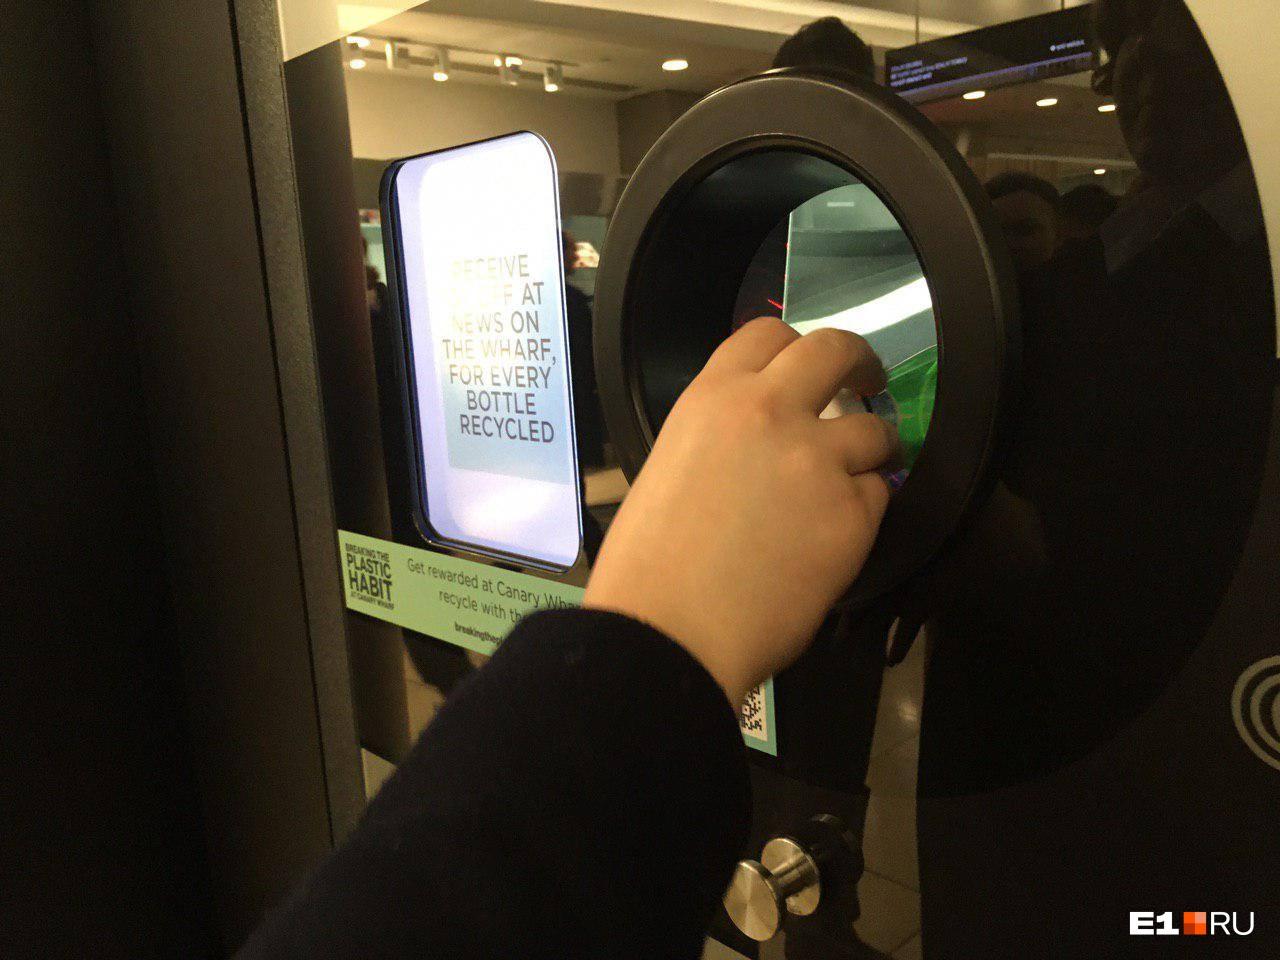 Выбрасываешь пластиковую бутылку в специальный автомат и взамен получаешь купон на скидку